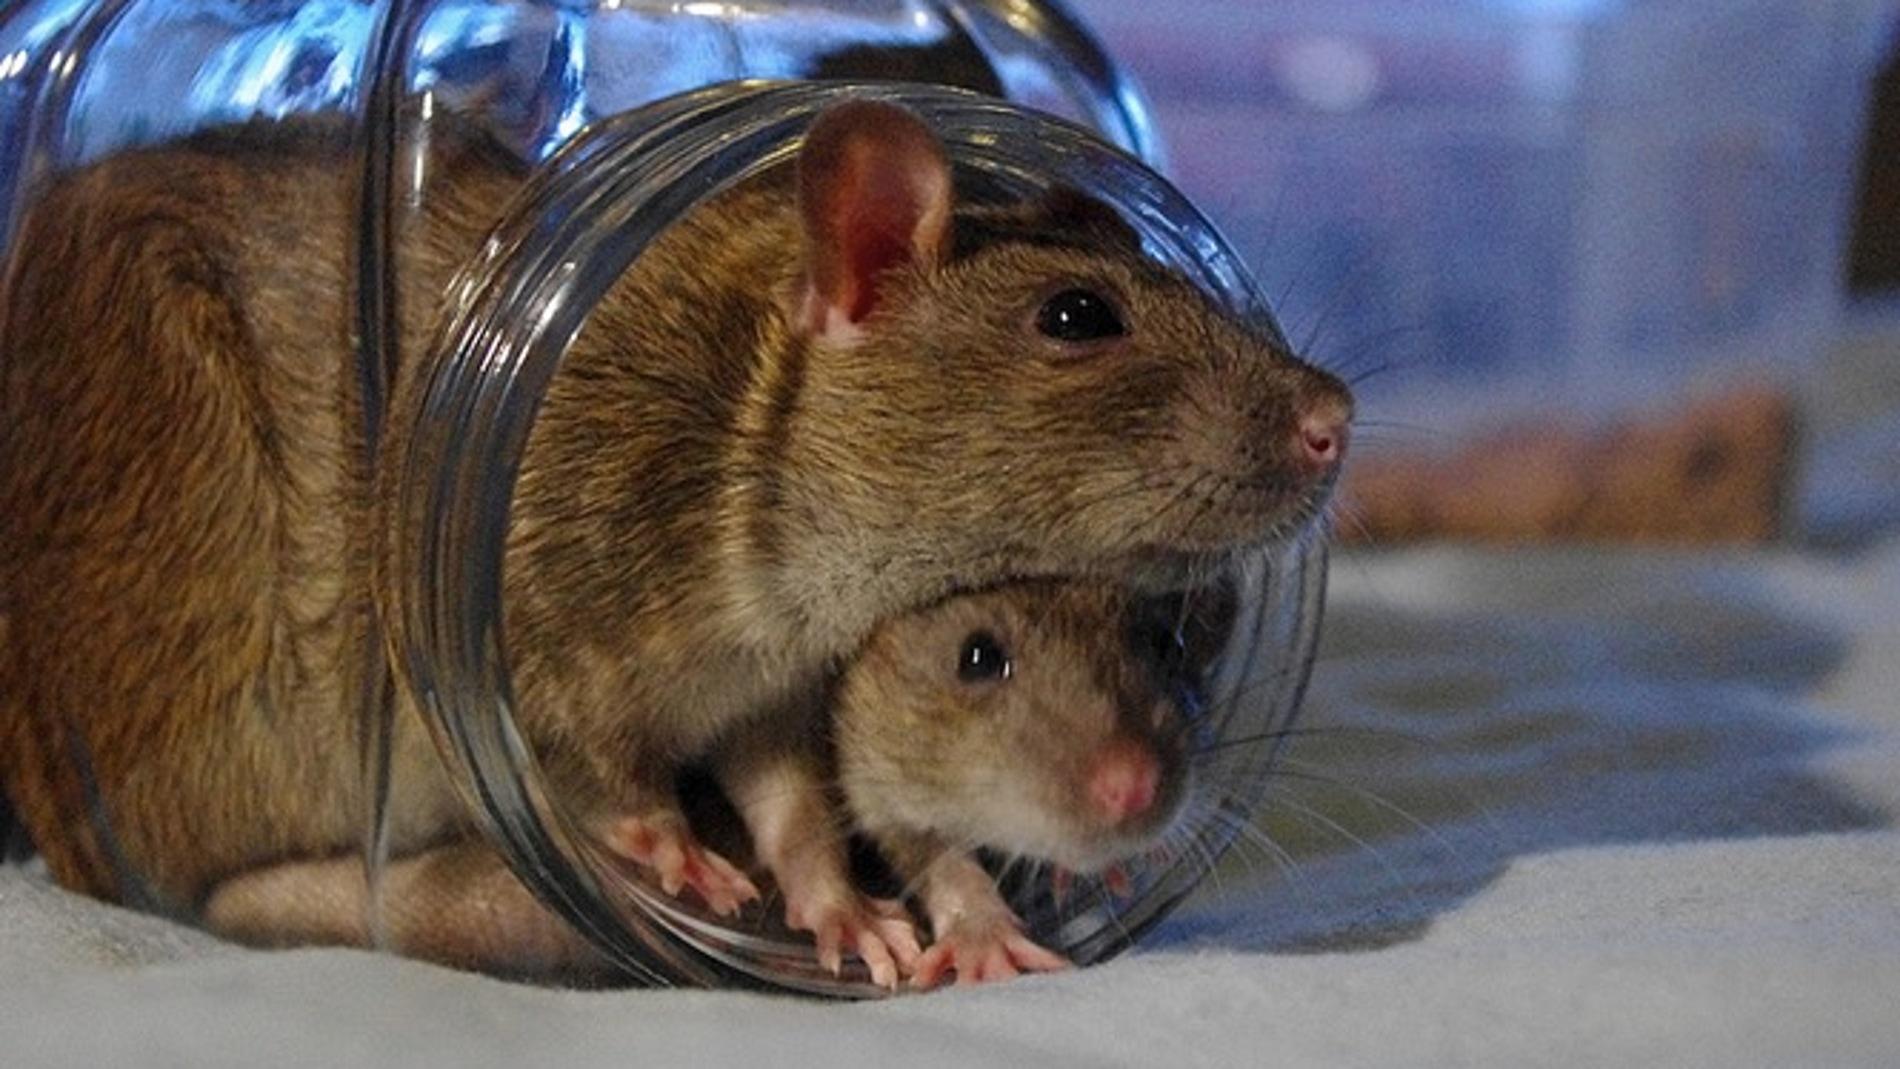 Las ratas ayudan a sus compañeros en apuros